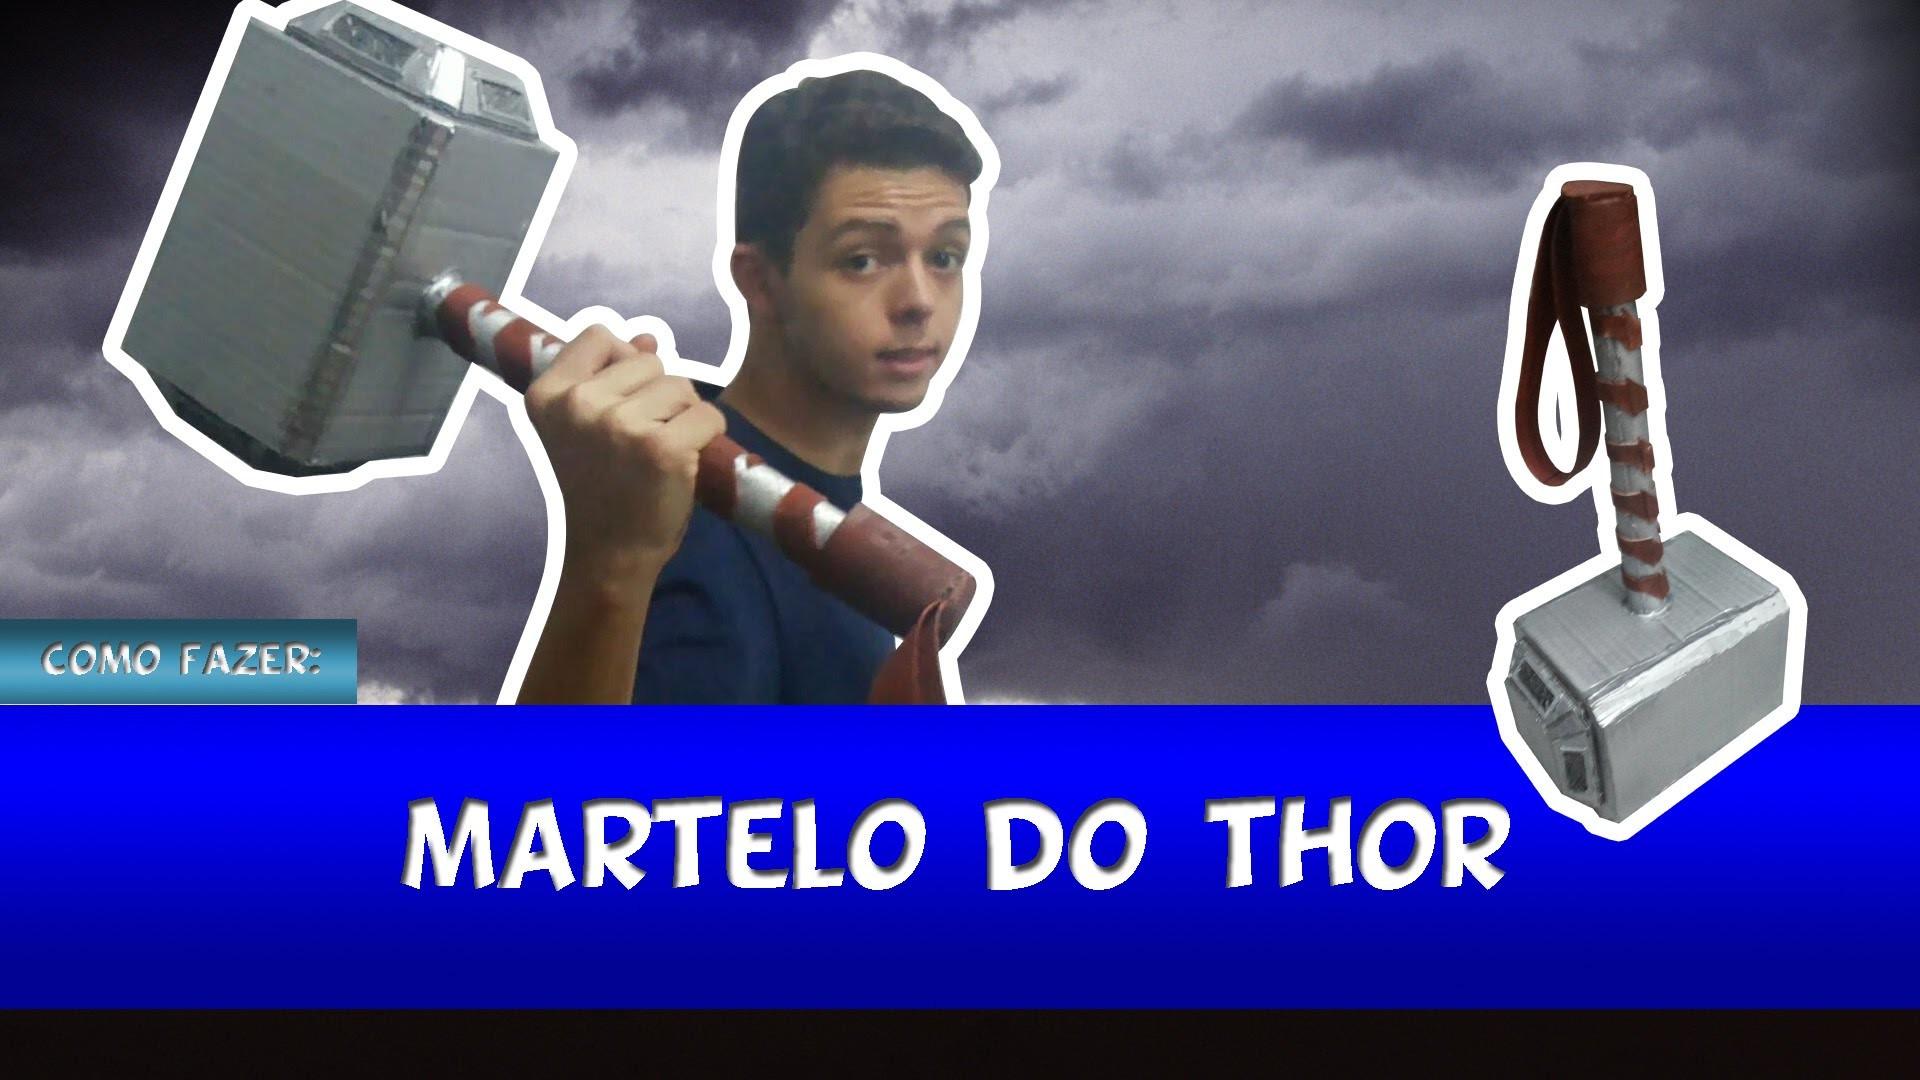 Como Fazer: Martelo do Thor [PT.BR]